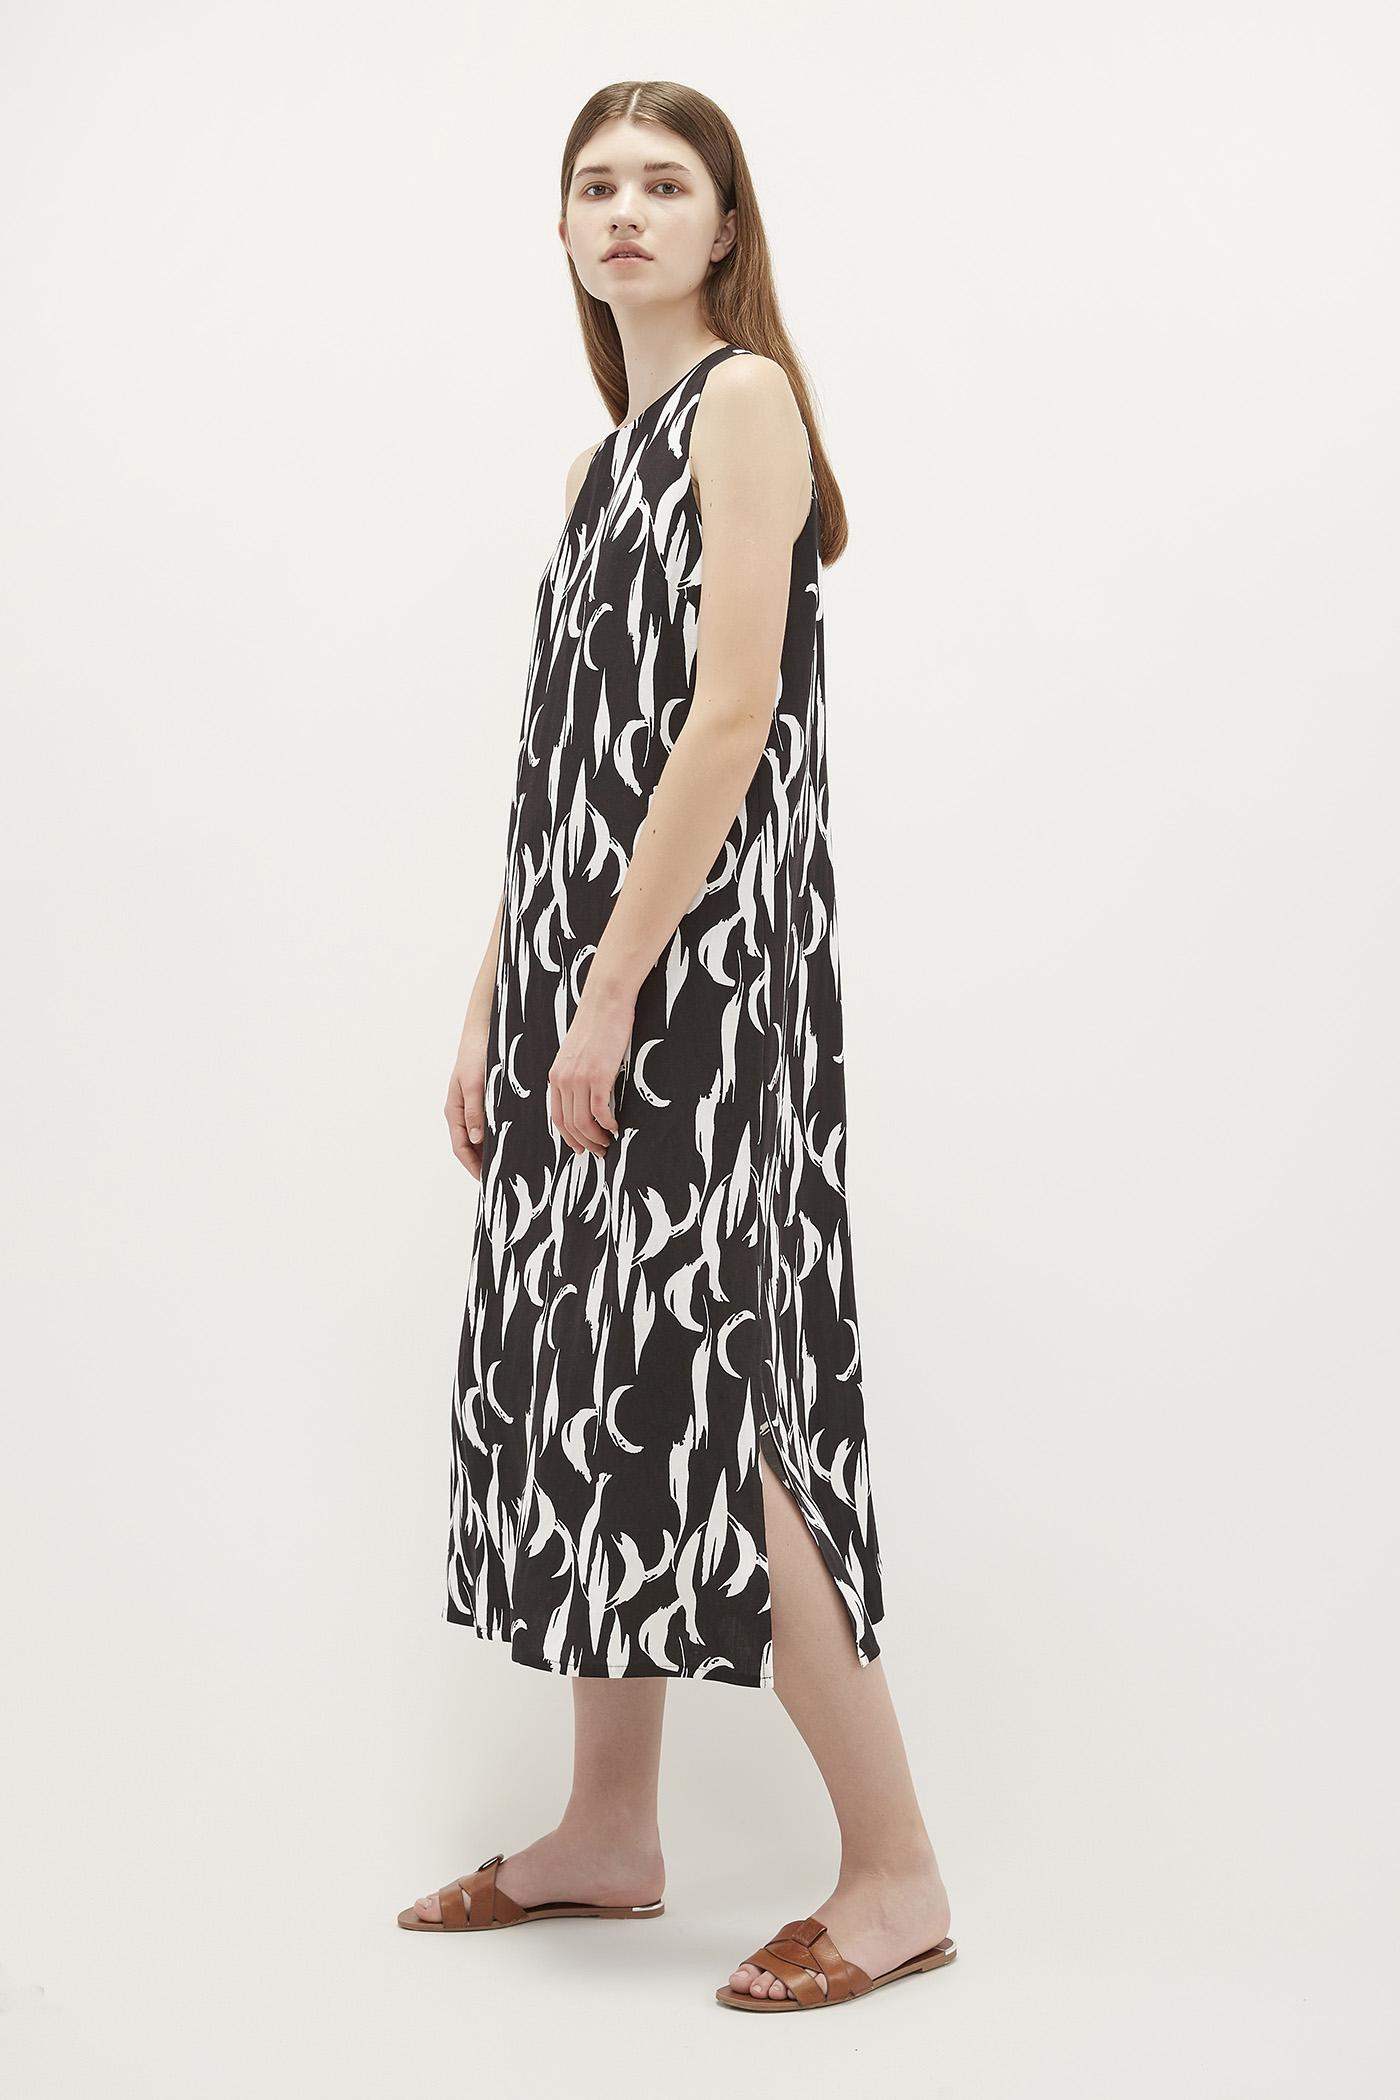 Mykah Midi Dress